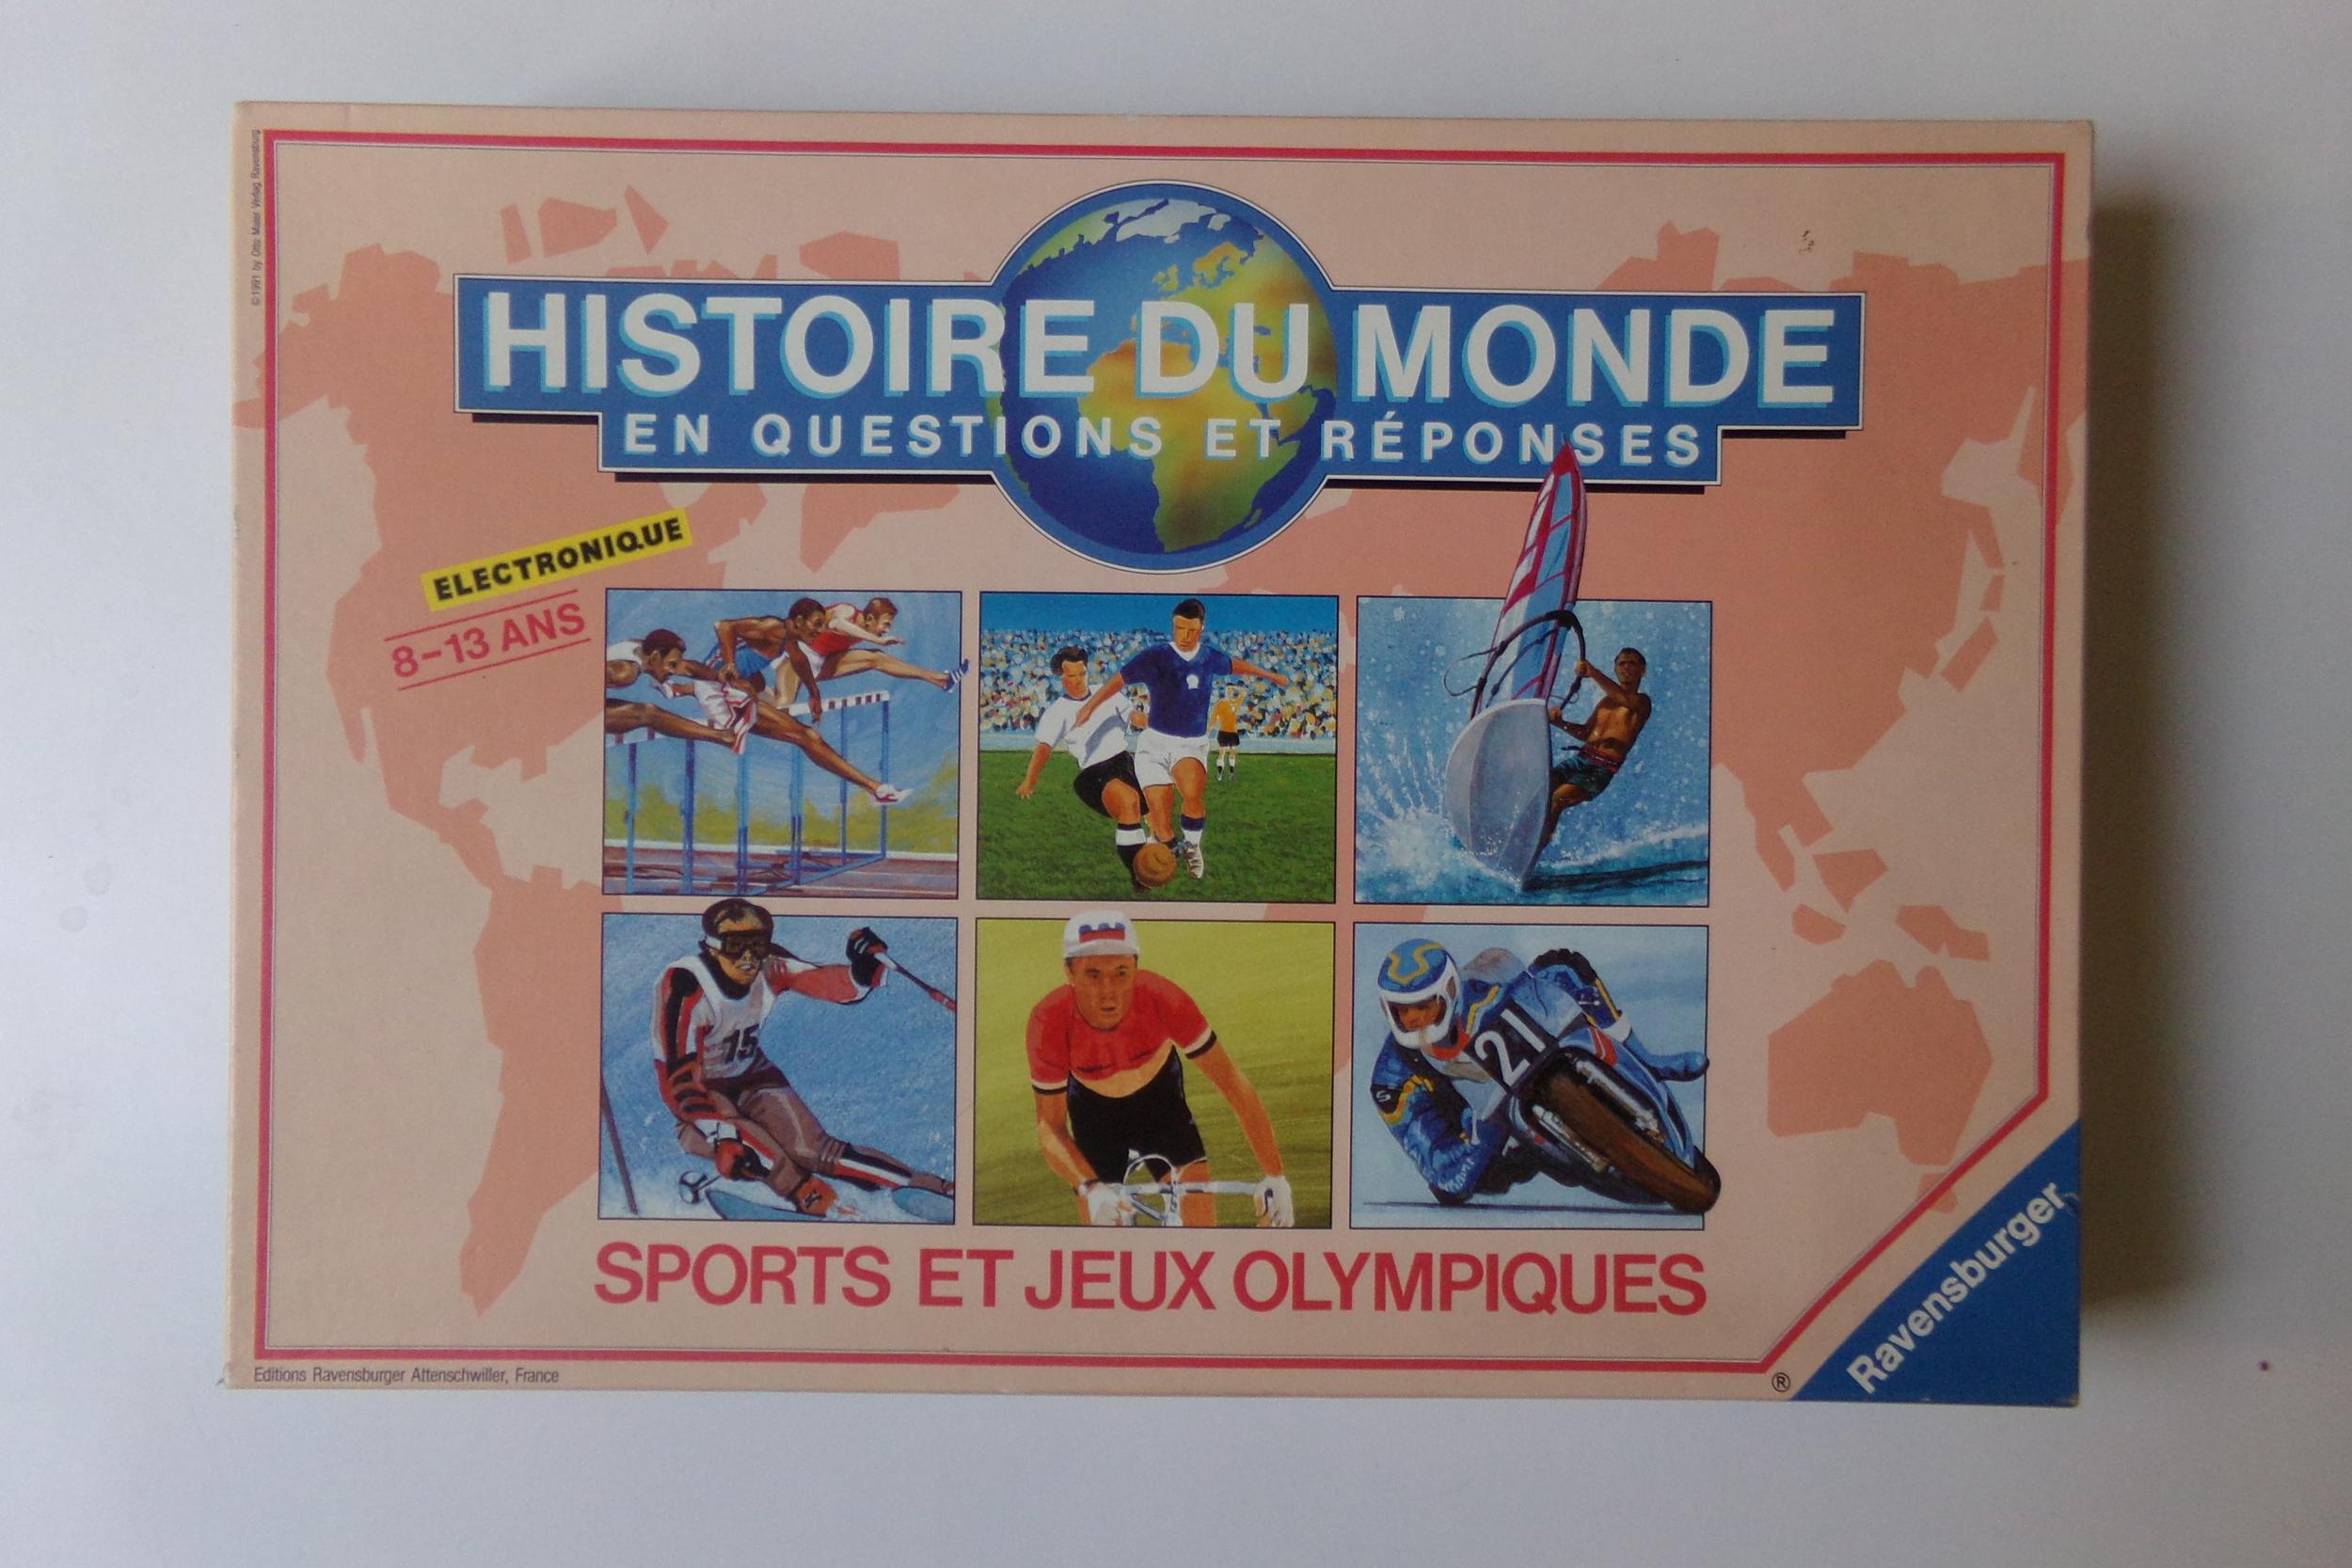 Histoire du monde sports et jeux olympiques